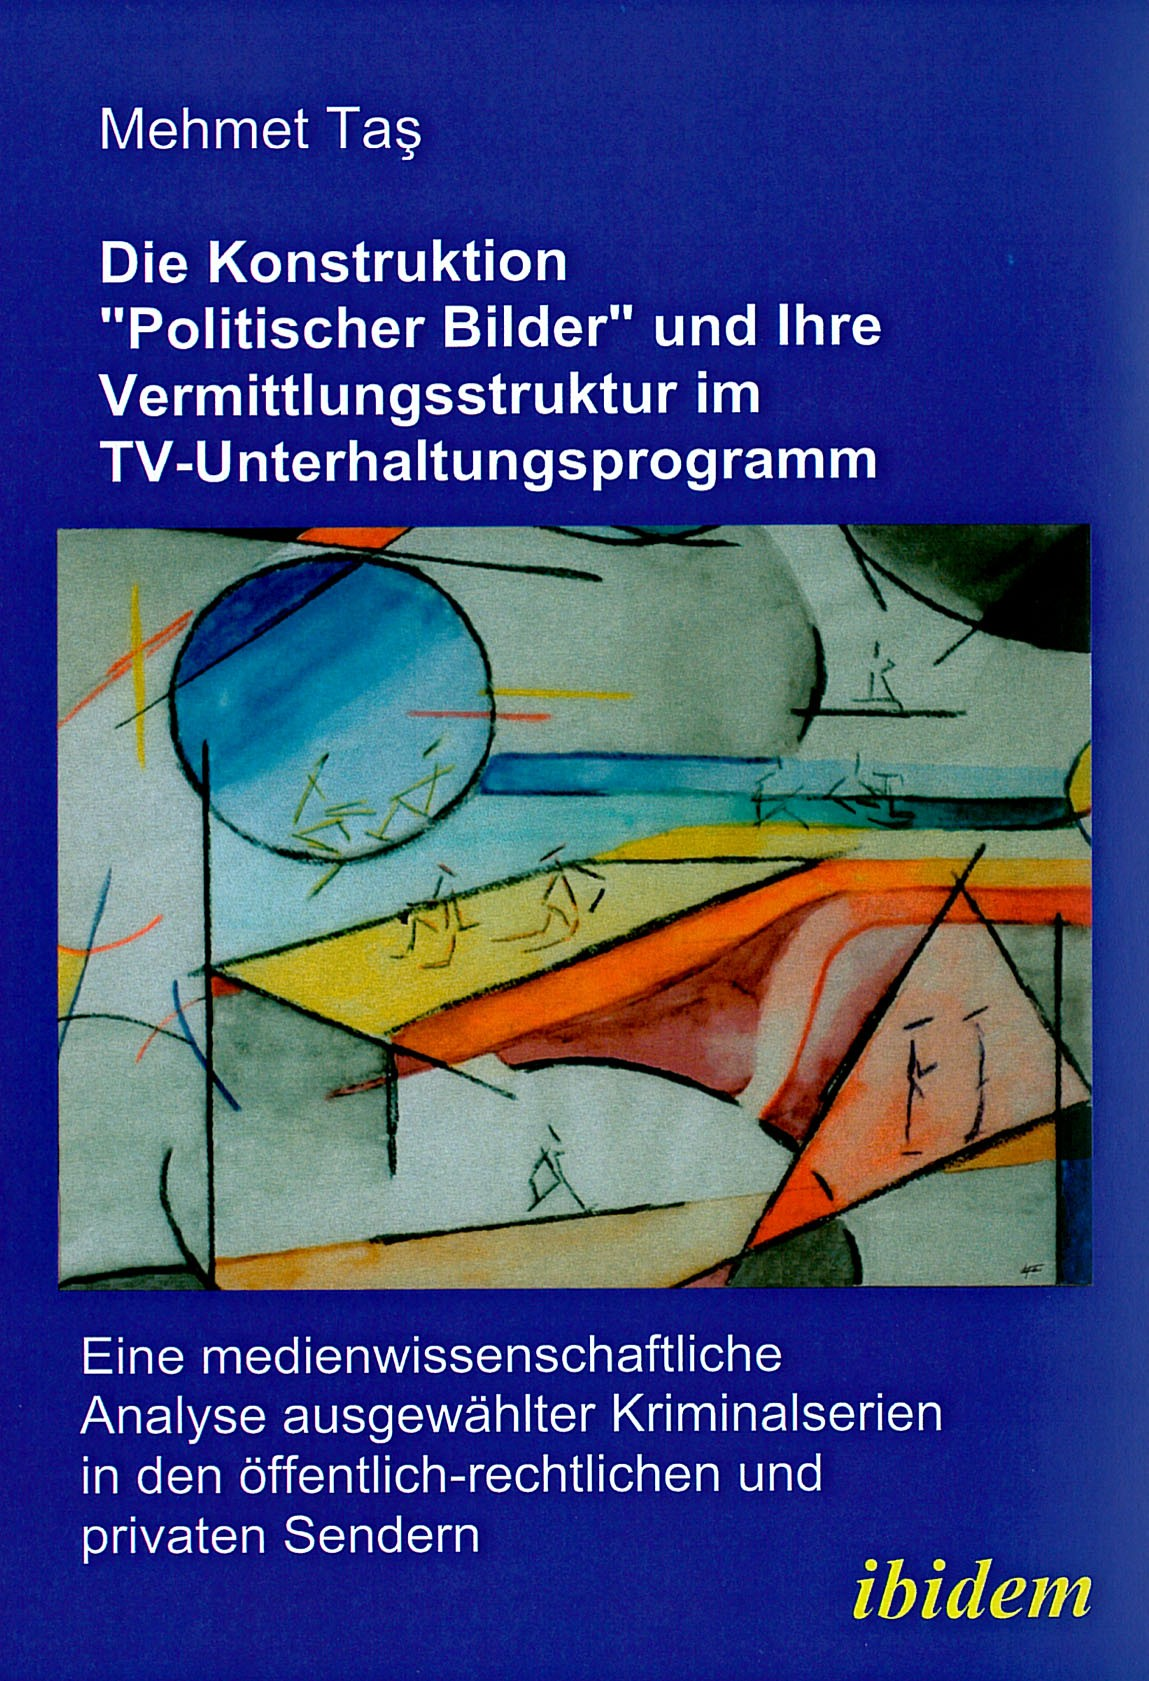 """Die Konstruktion """"politischer Bilder"""" und ihre Vermittlungsstruktur im TV-Unterhaltungsprogramm"""